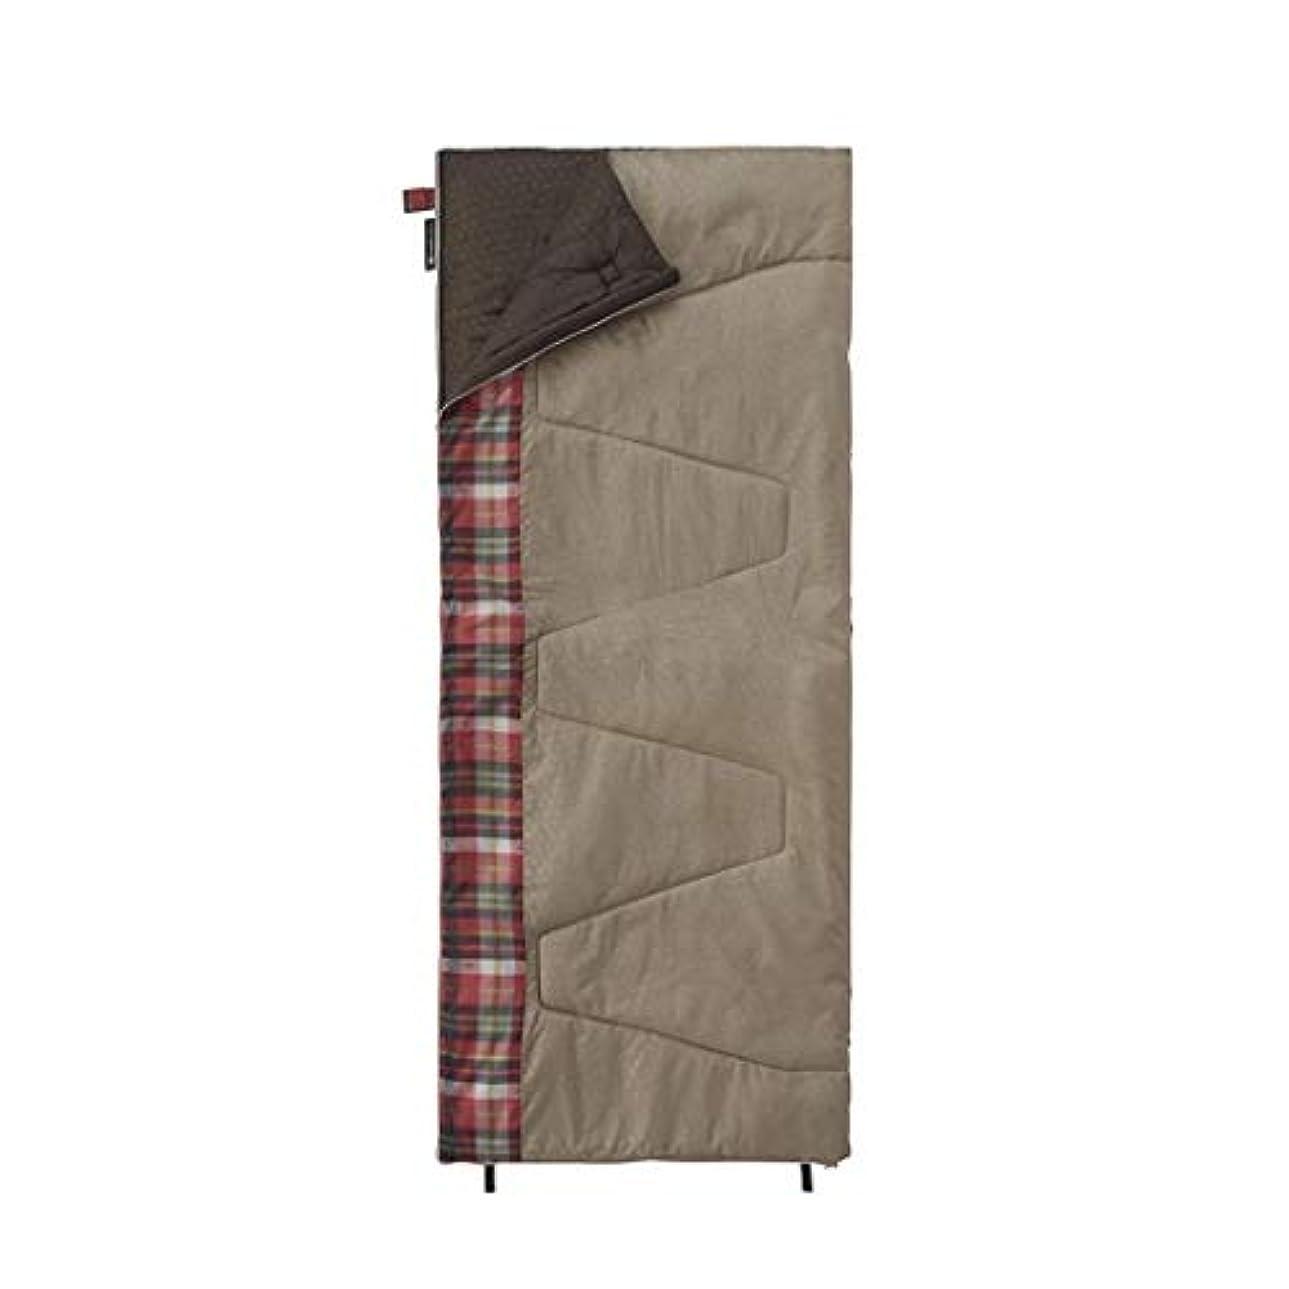 充電告発者暗黙封筒キャンプ寝袋軽量コンパクトポータブルスプライシングスリーピングパッド大人のためのハイキングバックパック登山屋内と屋外でのアクティビティ(カラー:B)